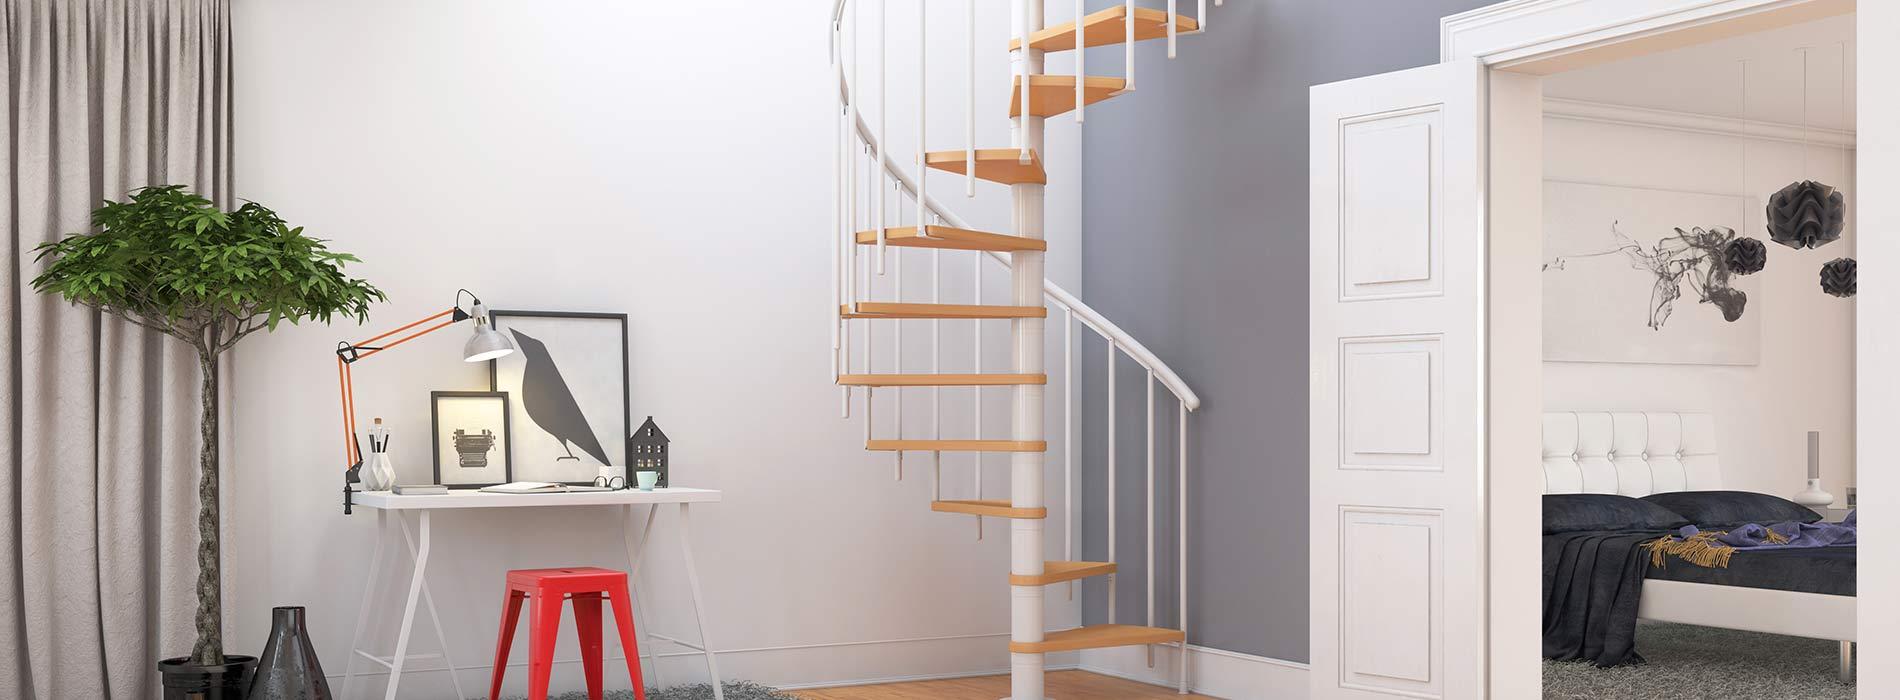 Verdeckte Scharniere Deckelscharniere für Dolle Bodentreppe extra und Profi